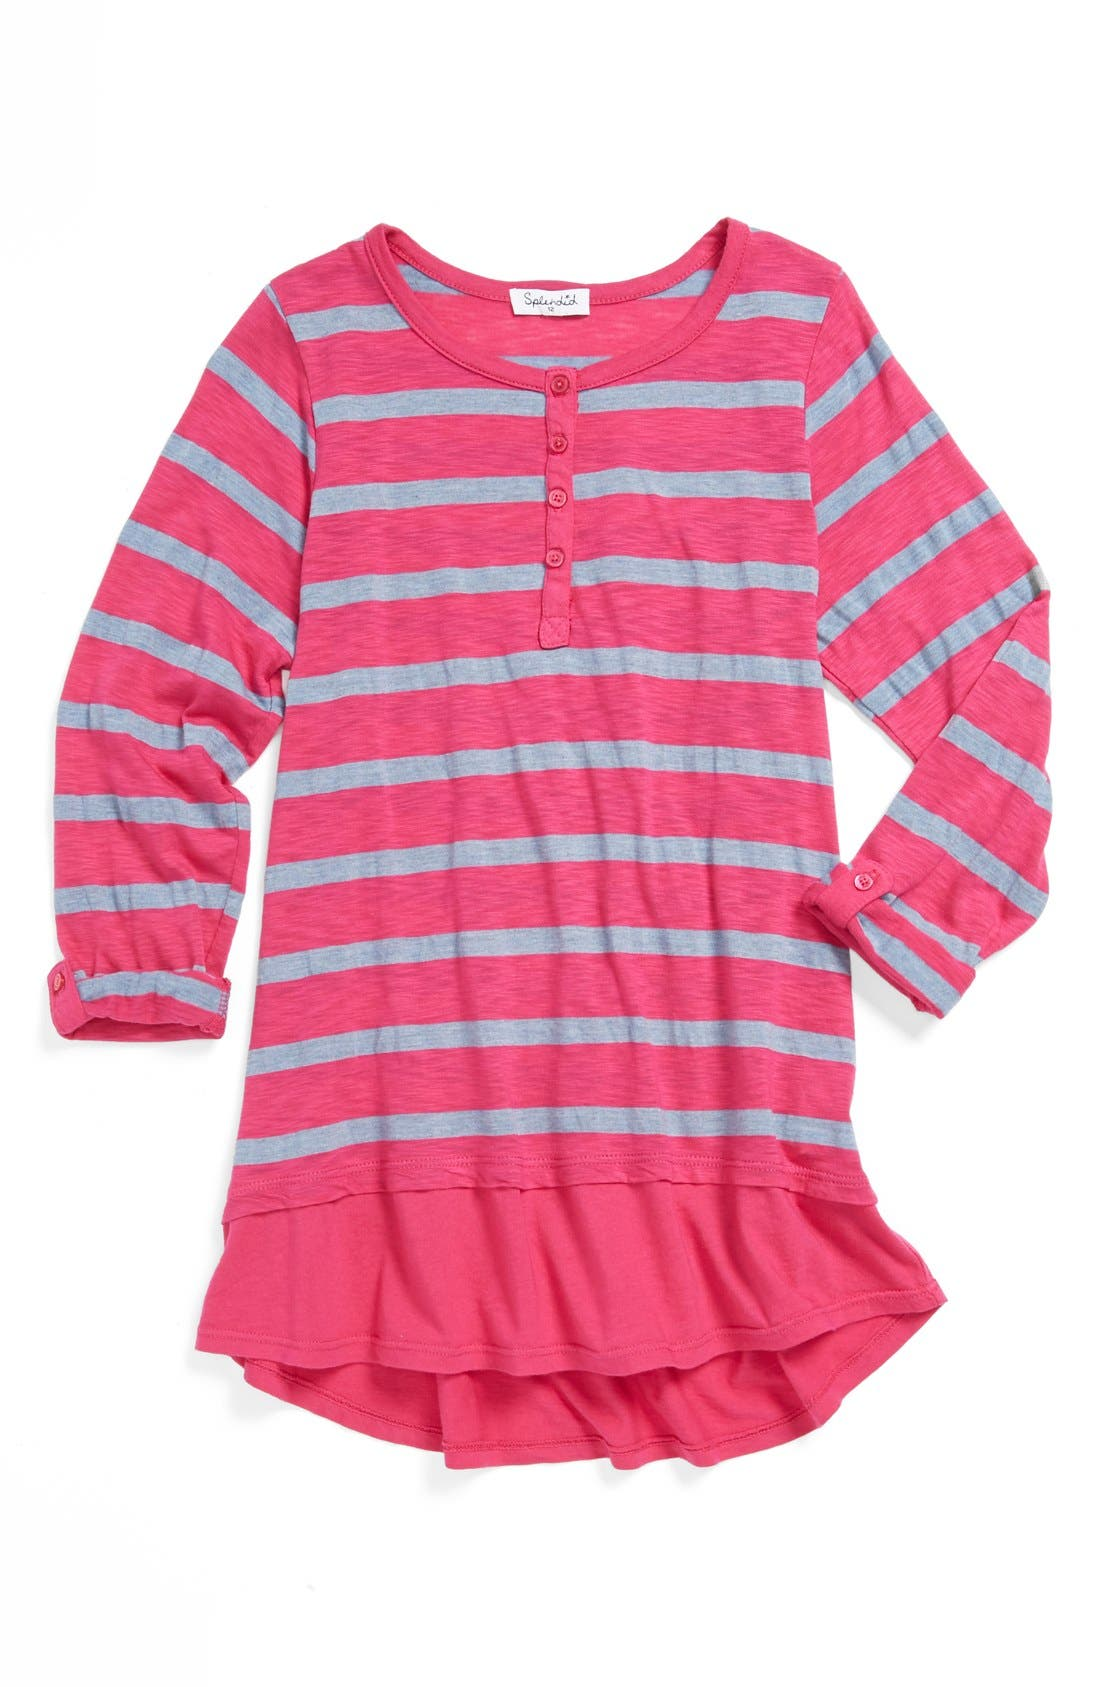 Alternate Image 1 Selected - Splendid Stripe Henley (Big Girls)